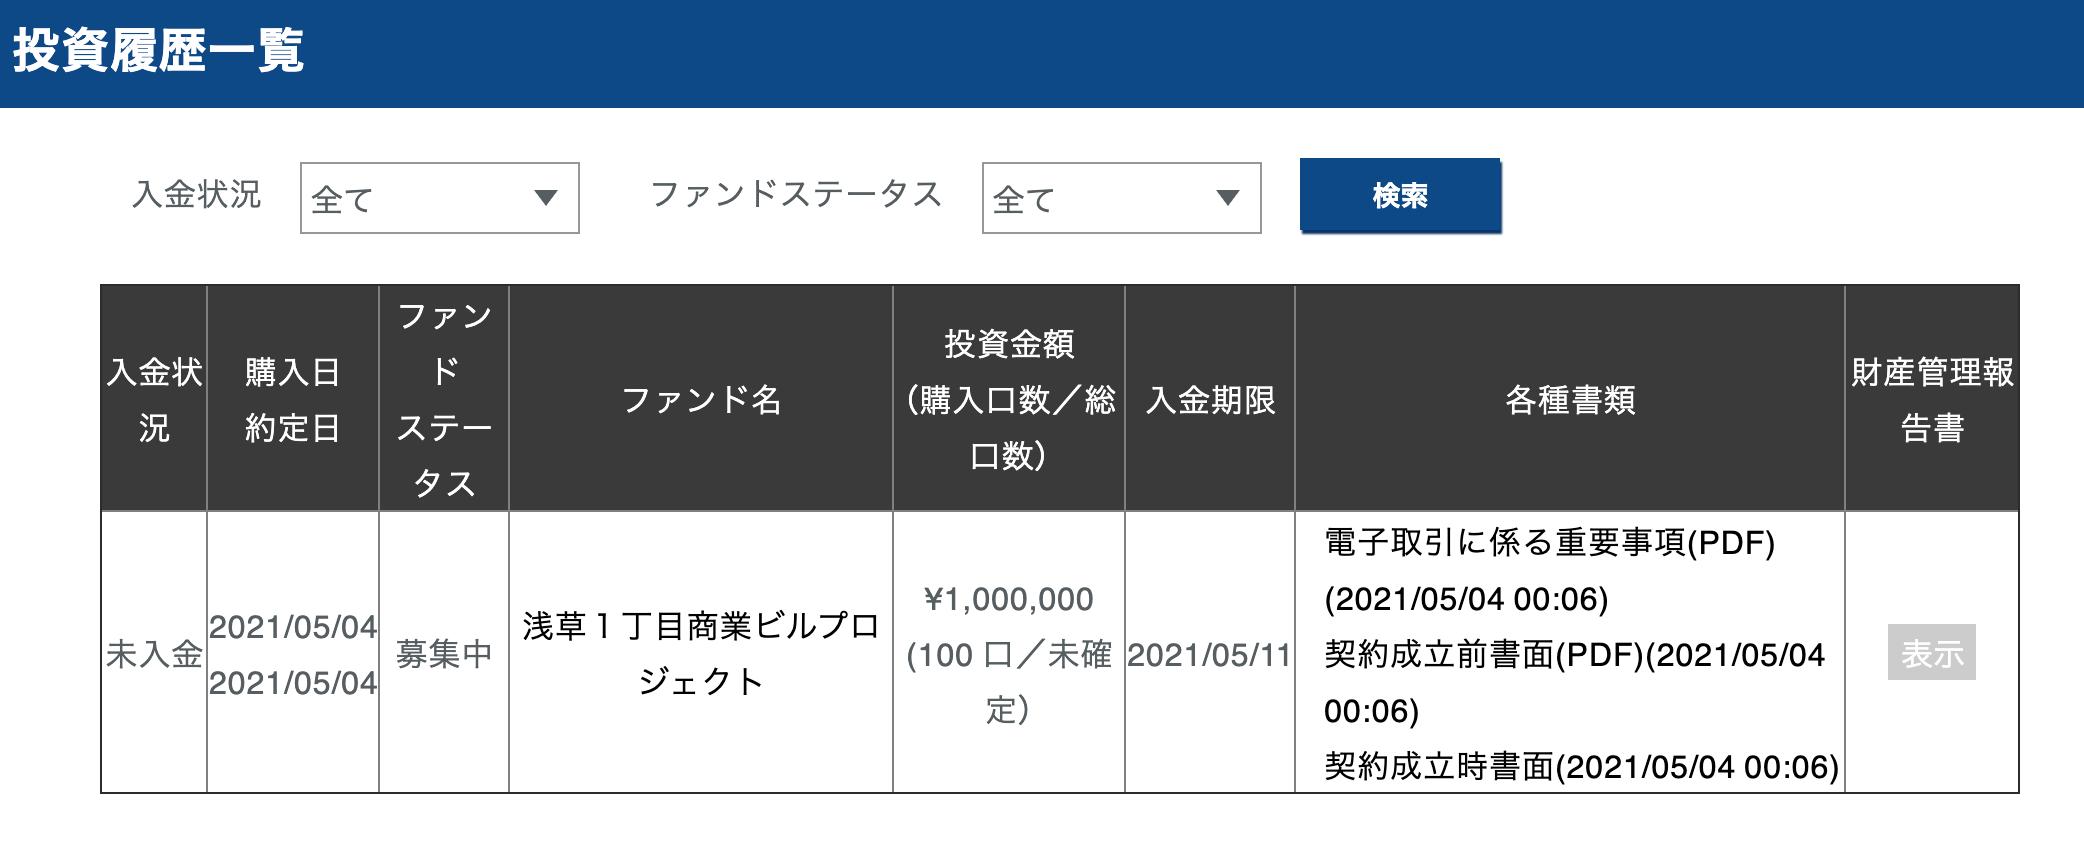 スクリーンショット 2021-05-04 0.06.54